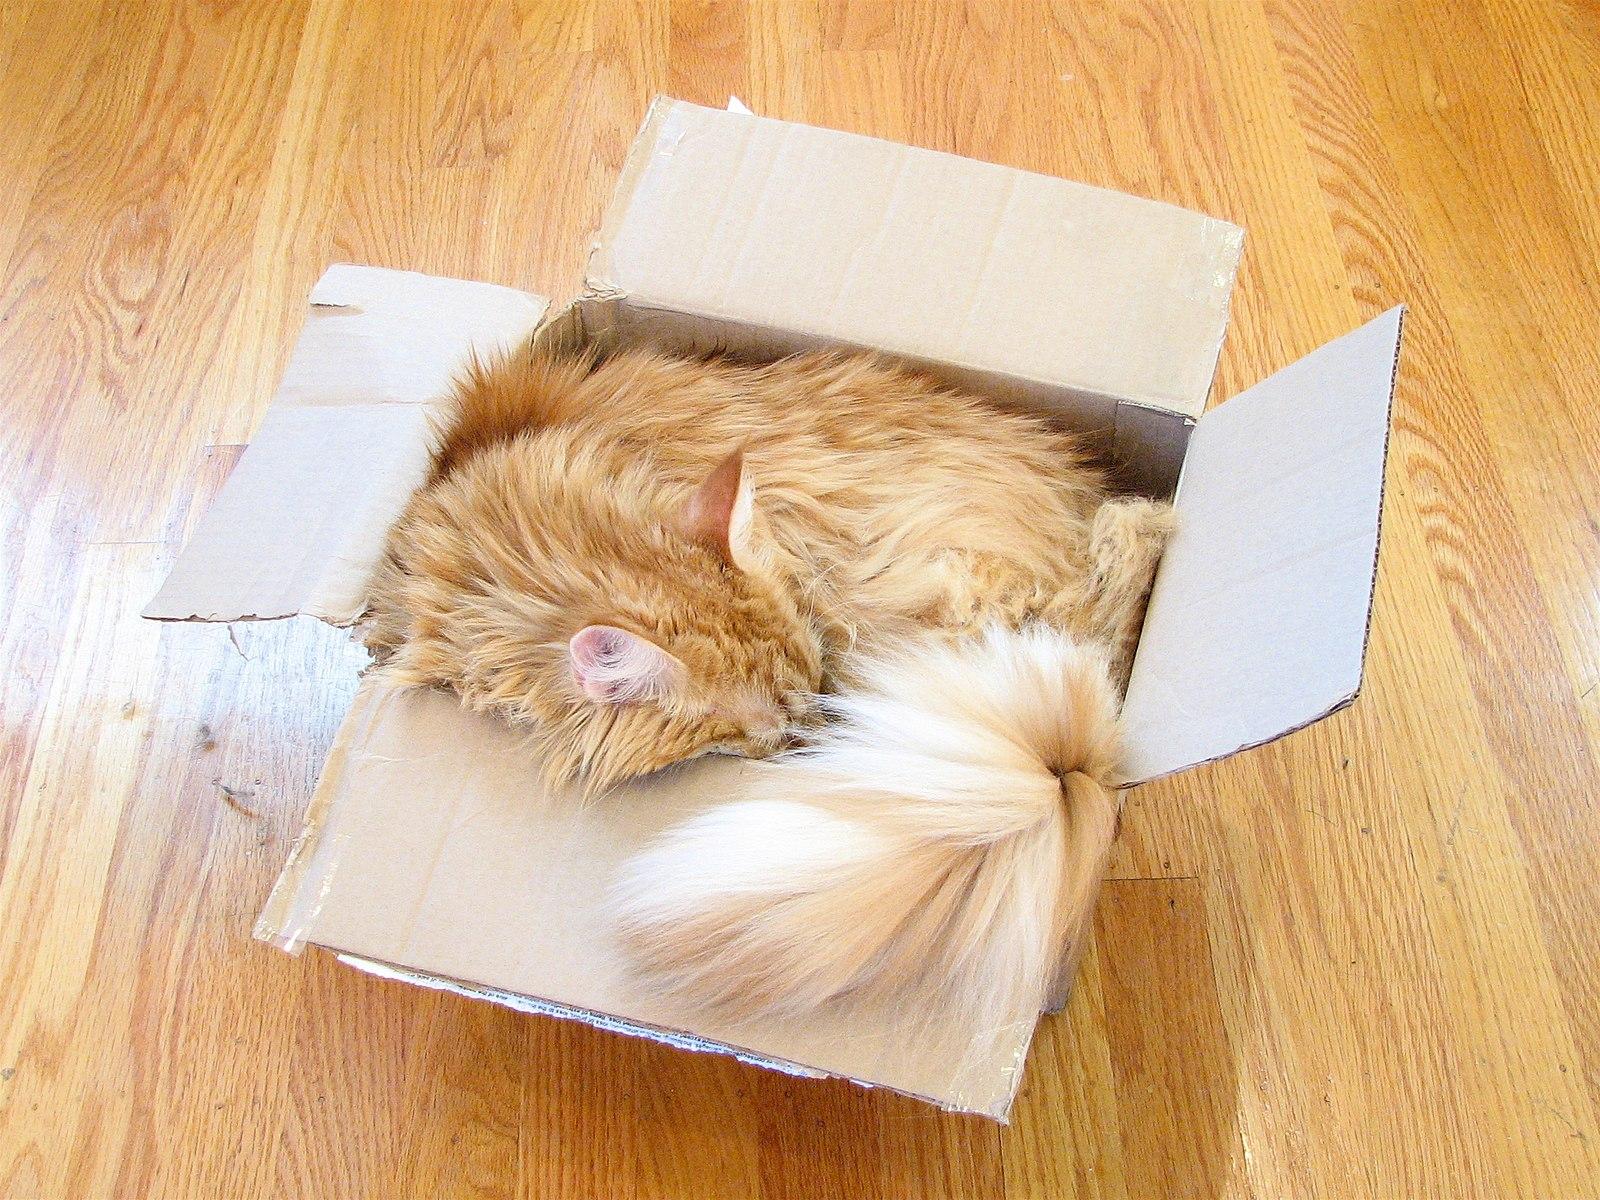 fluffy orange cat sleeping in a box